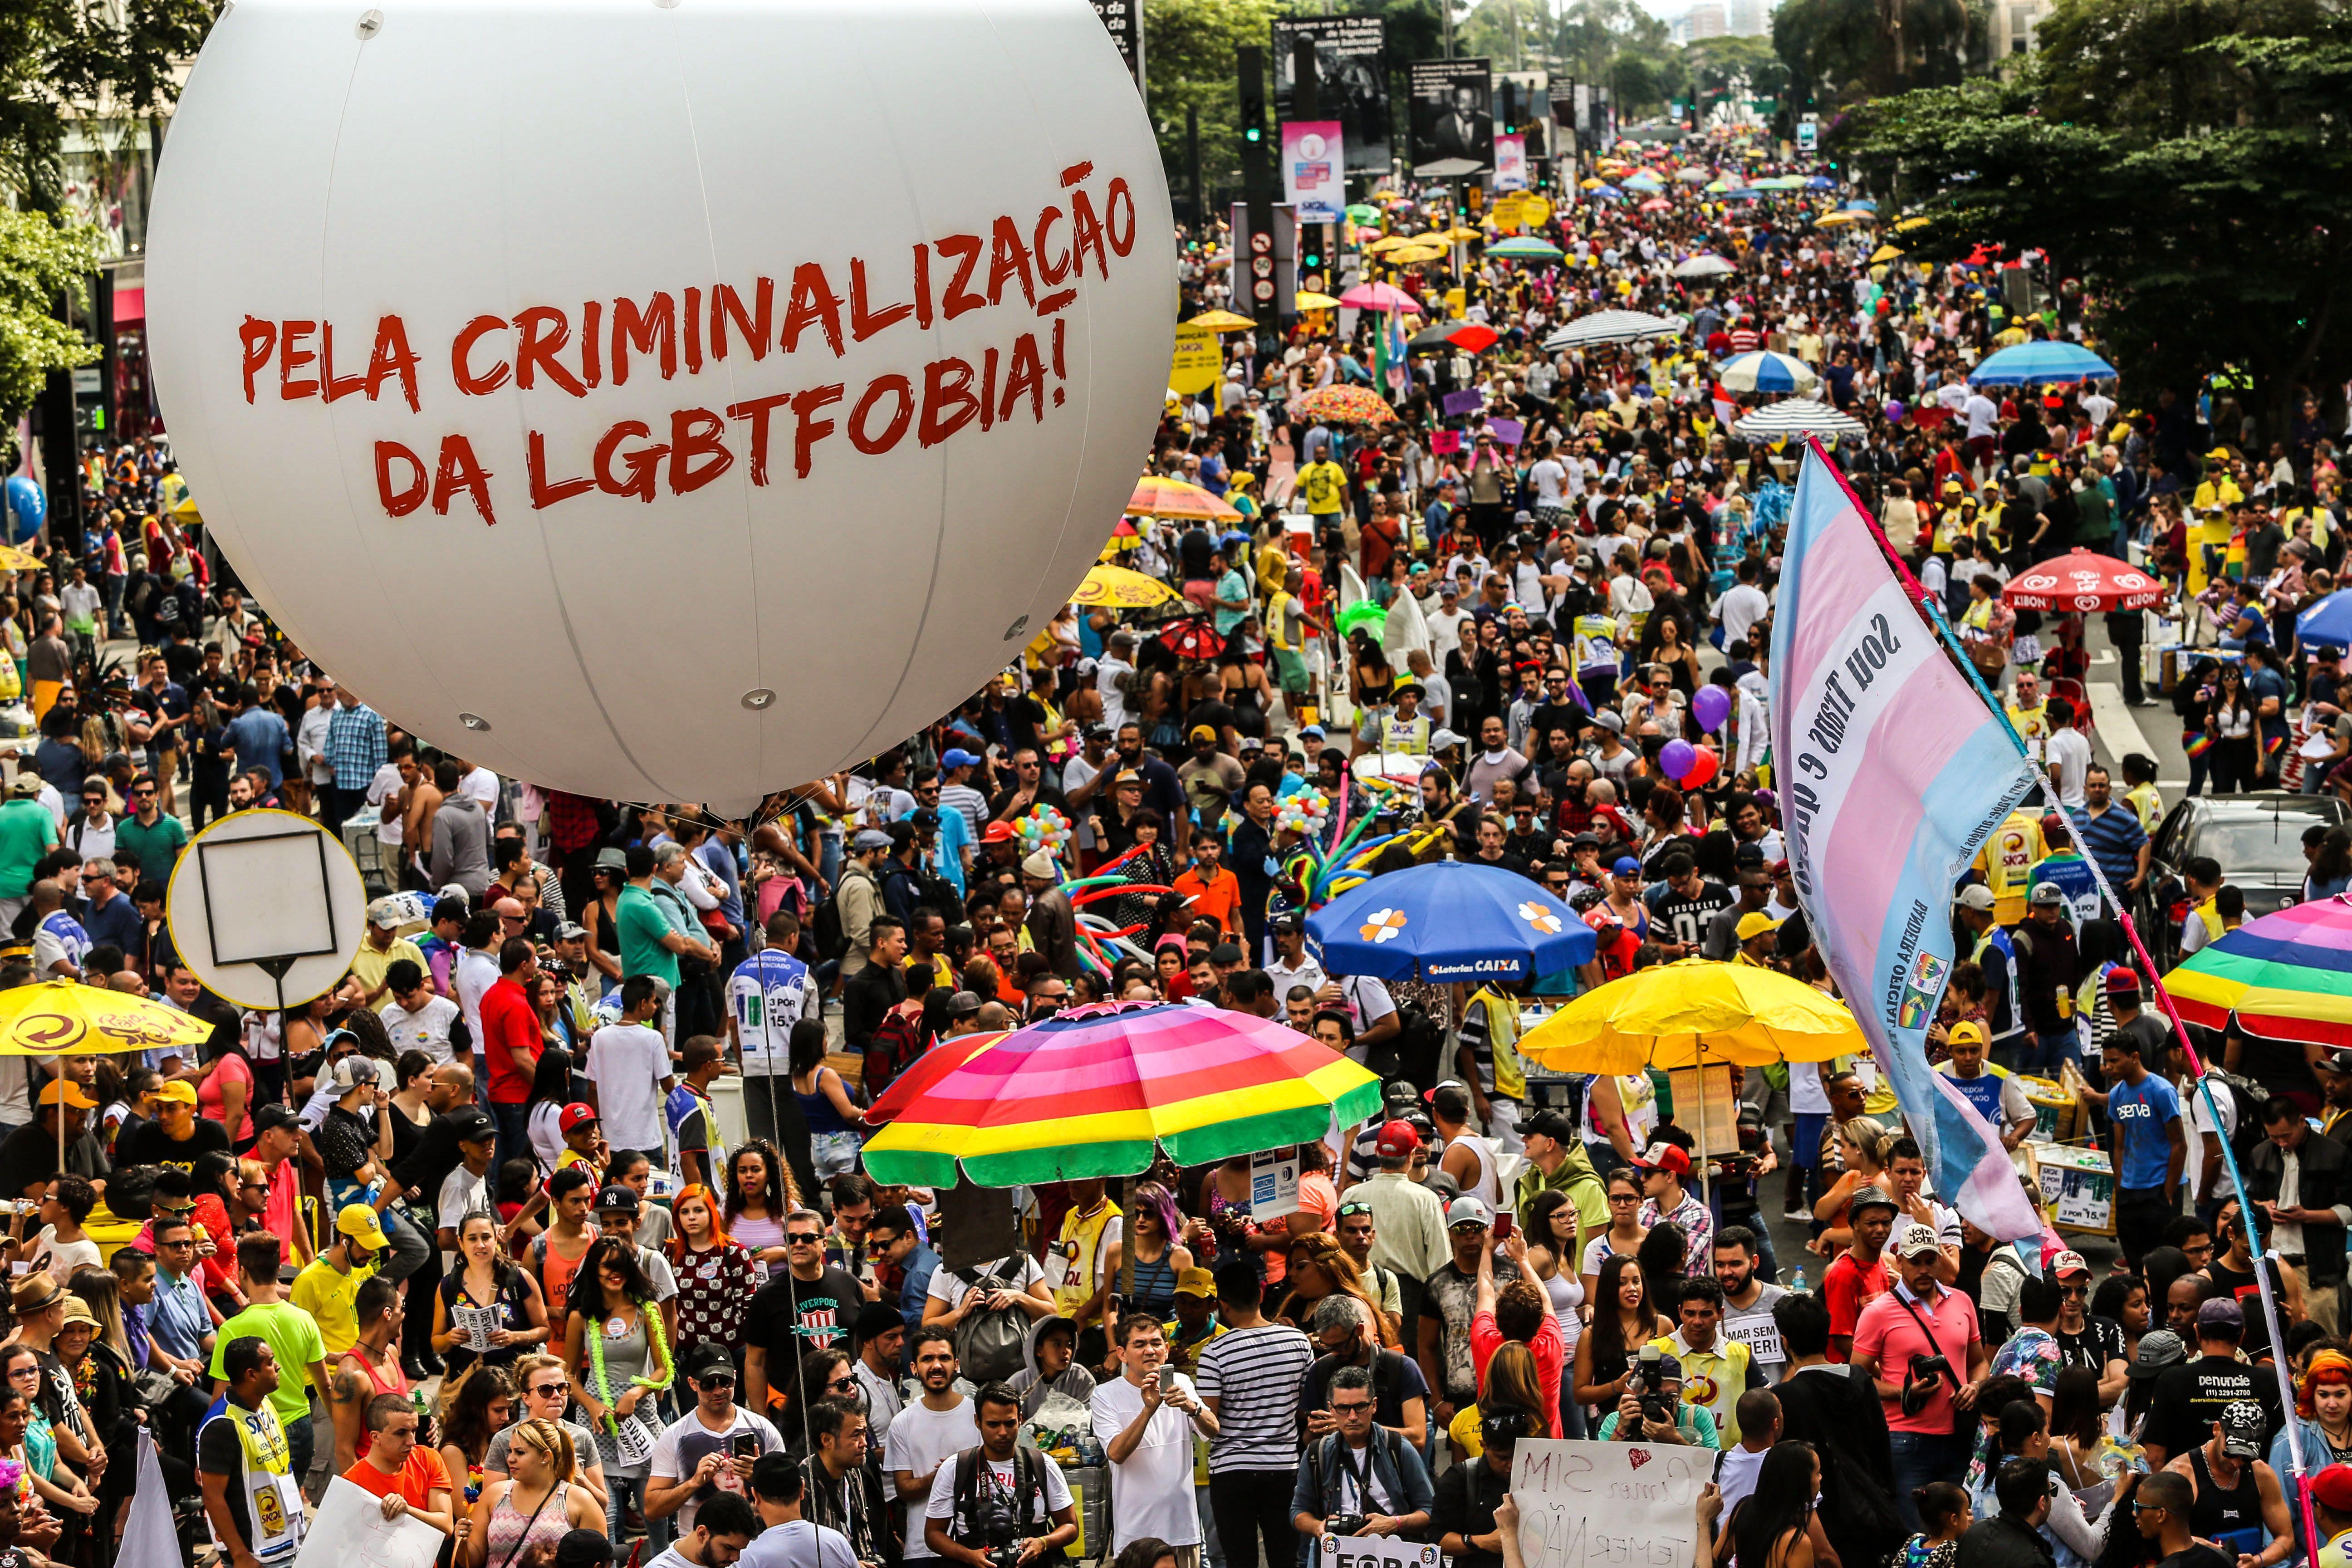 Imagem da Parada LGBT de 2016 / Paulo Pinto/Fotos Públicas